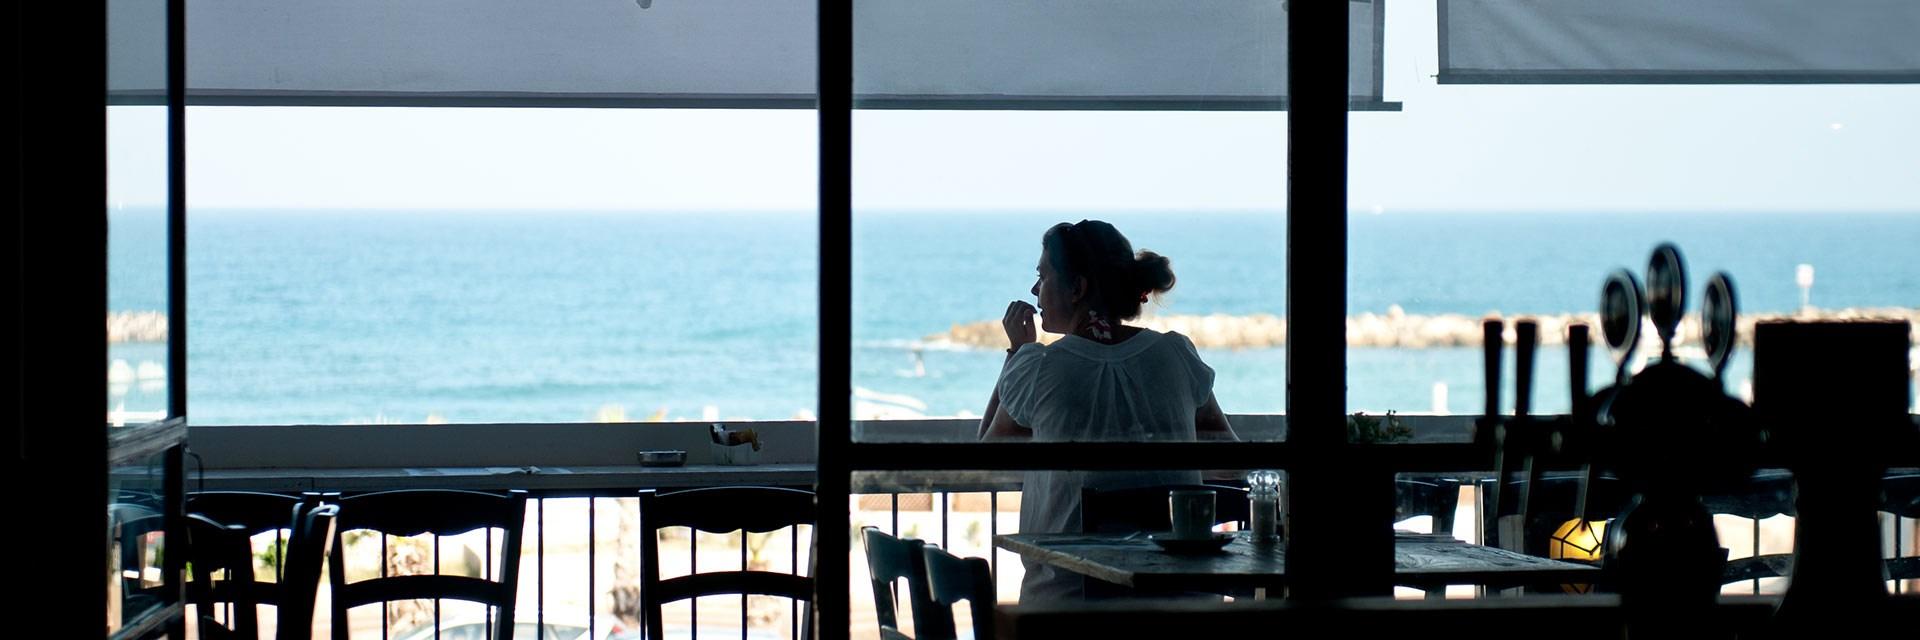 פרימה תל אביב - נוף על הים